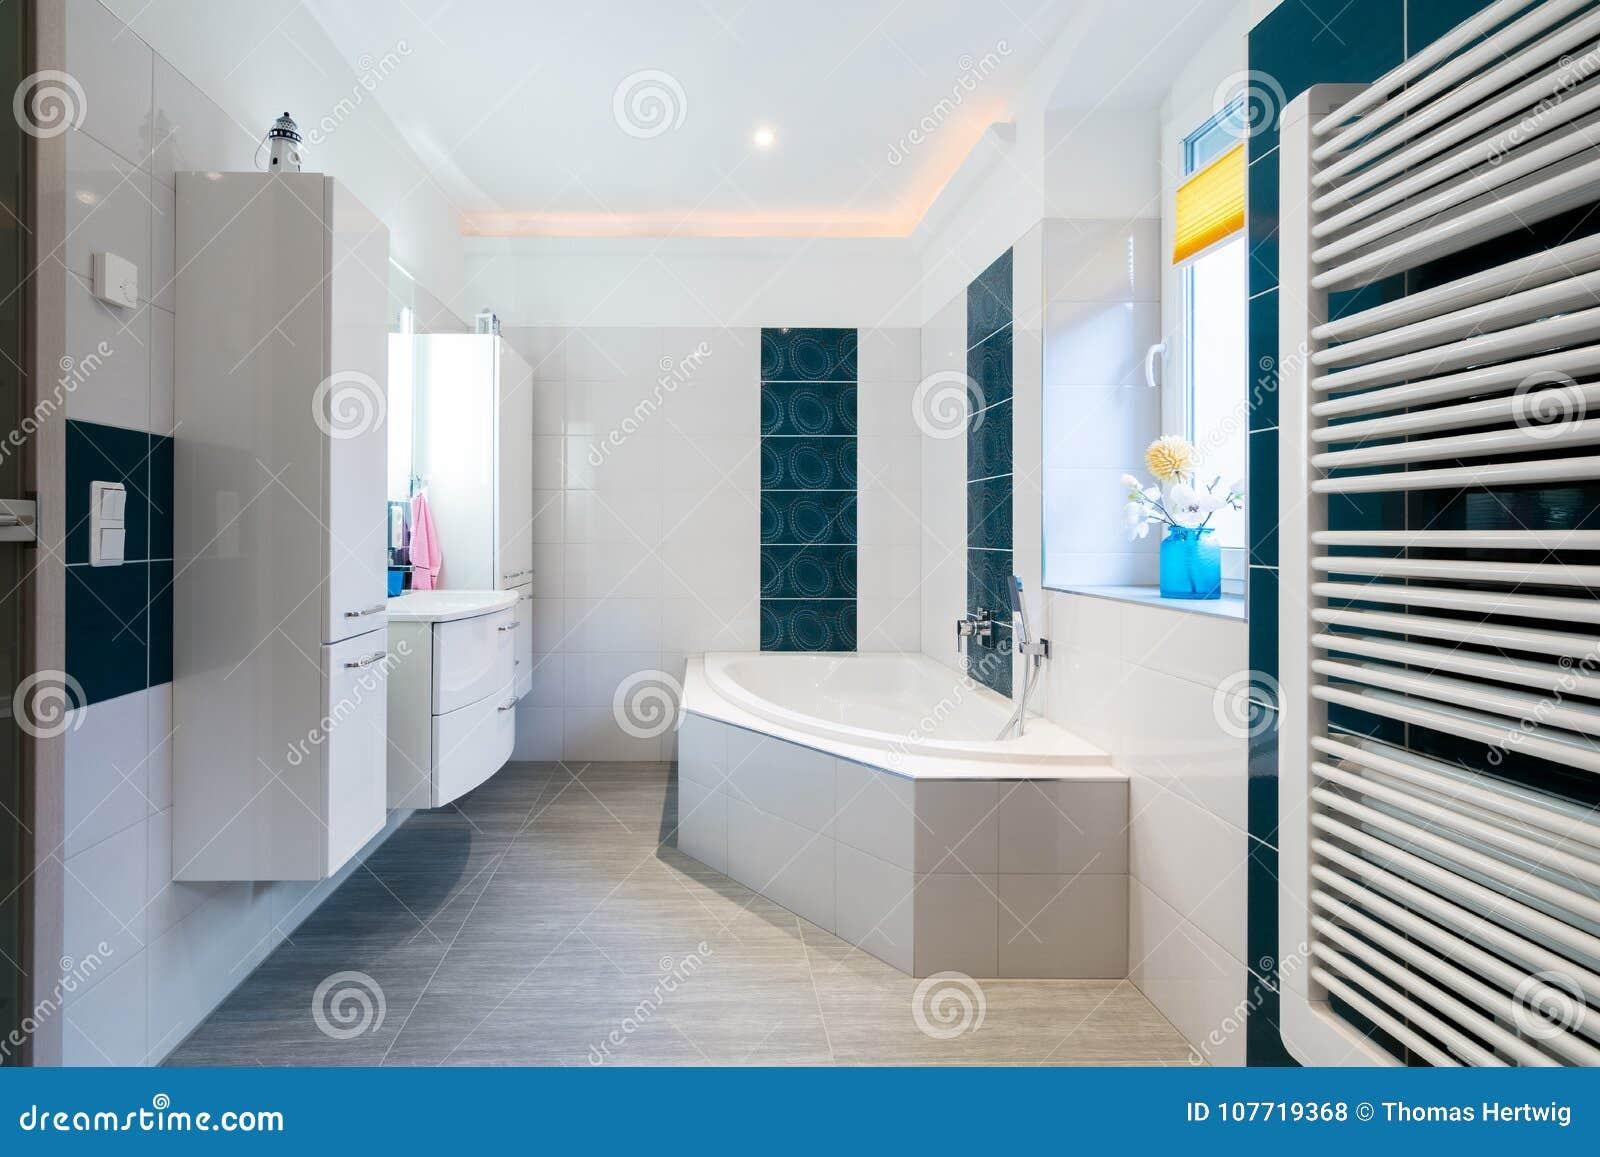 Modernes Badezimmer - Glatte Weiße Und Blaue Fliesen - Horizontaler ...